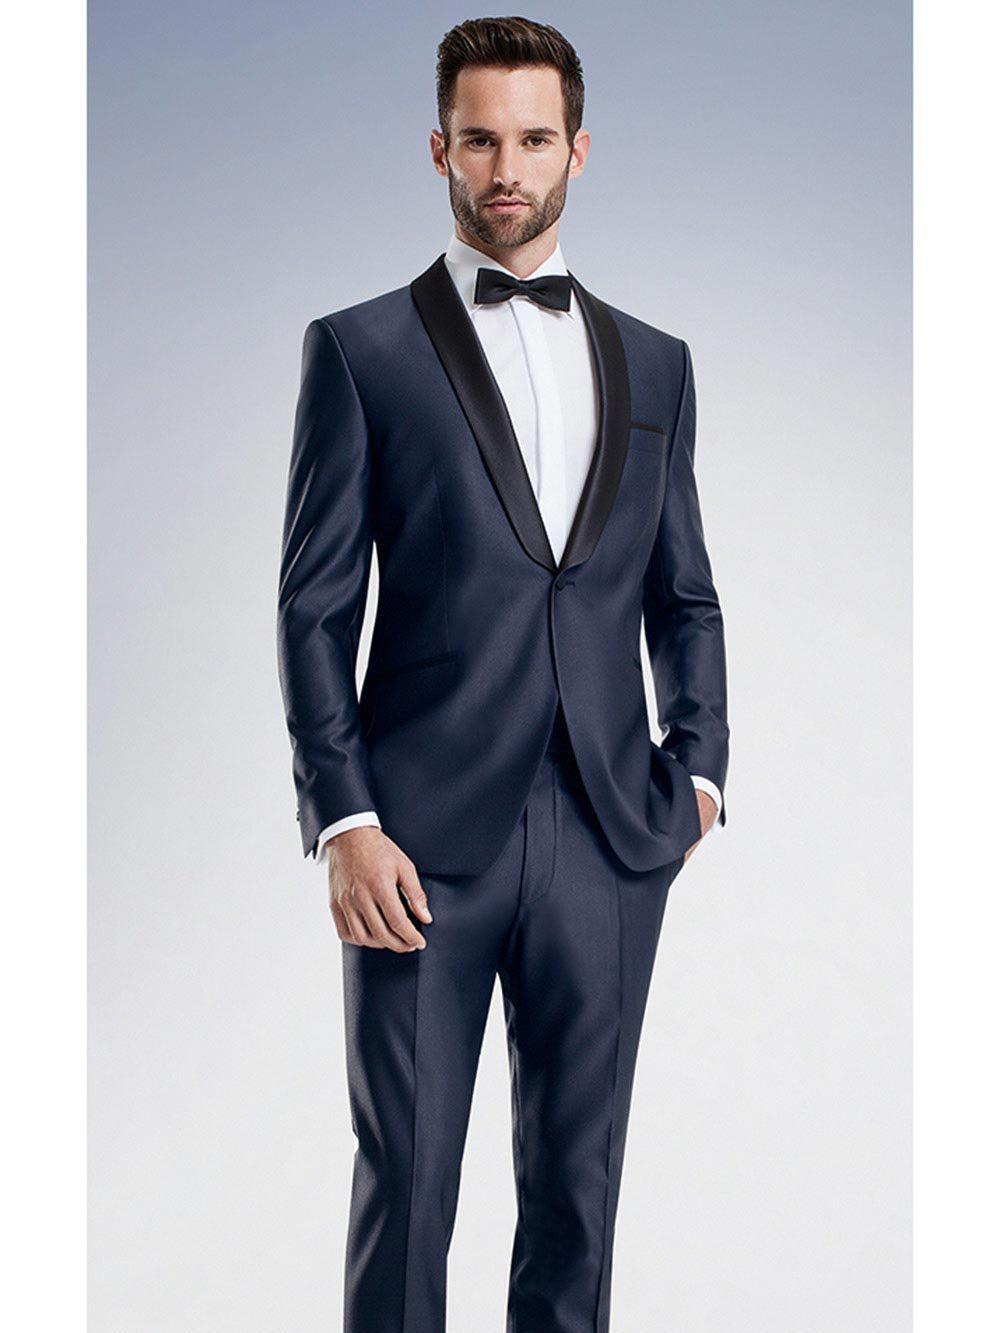 Anzug wilvorst smoking von wilvorst auf for Hochzeitsanzug fliege